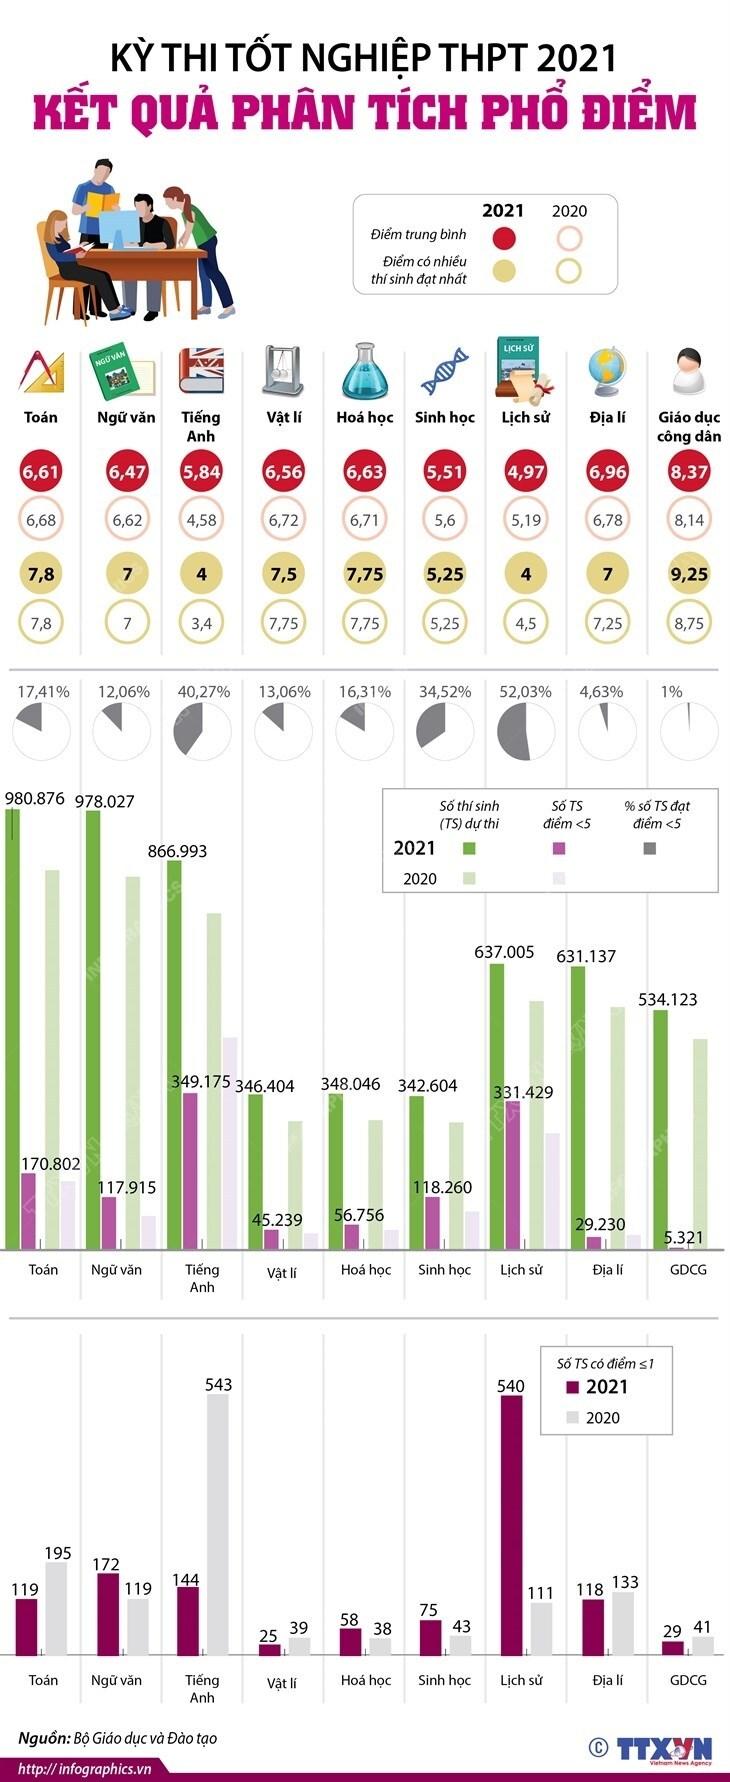 [Infographics] Kết quả phân tích phổ điểm kỳ thi tốt nghiệp THPT 2021